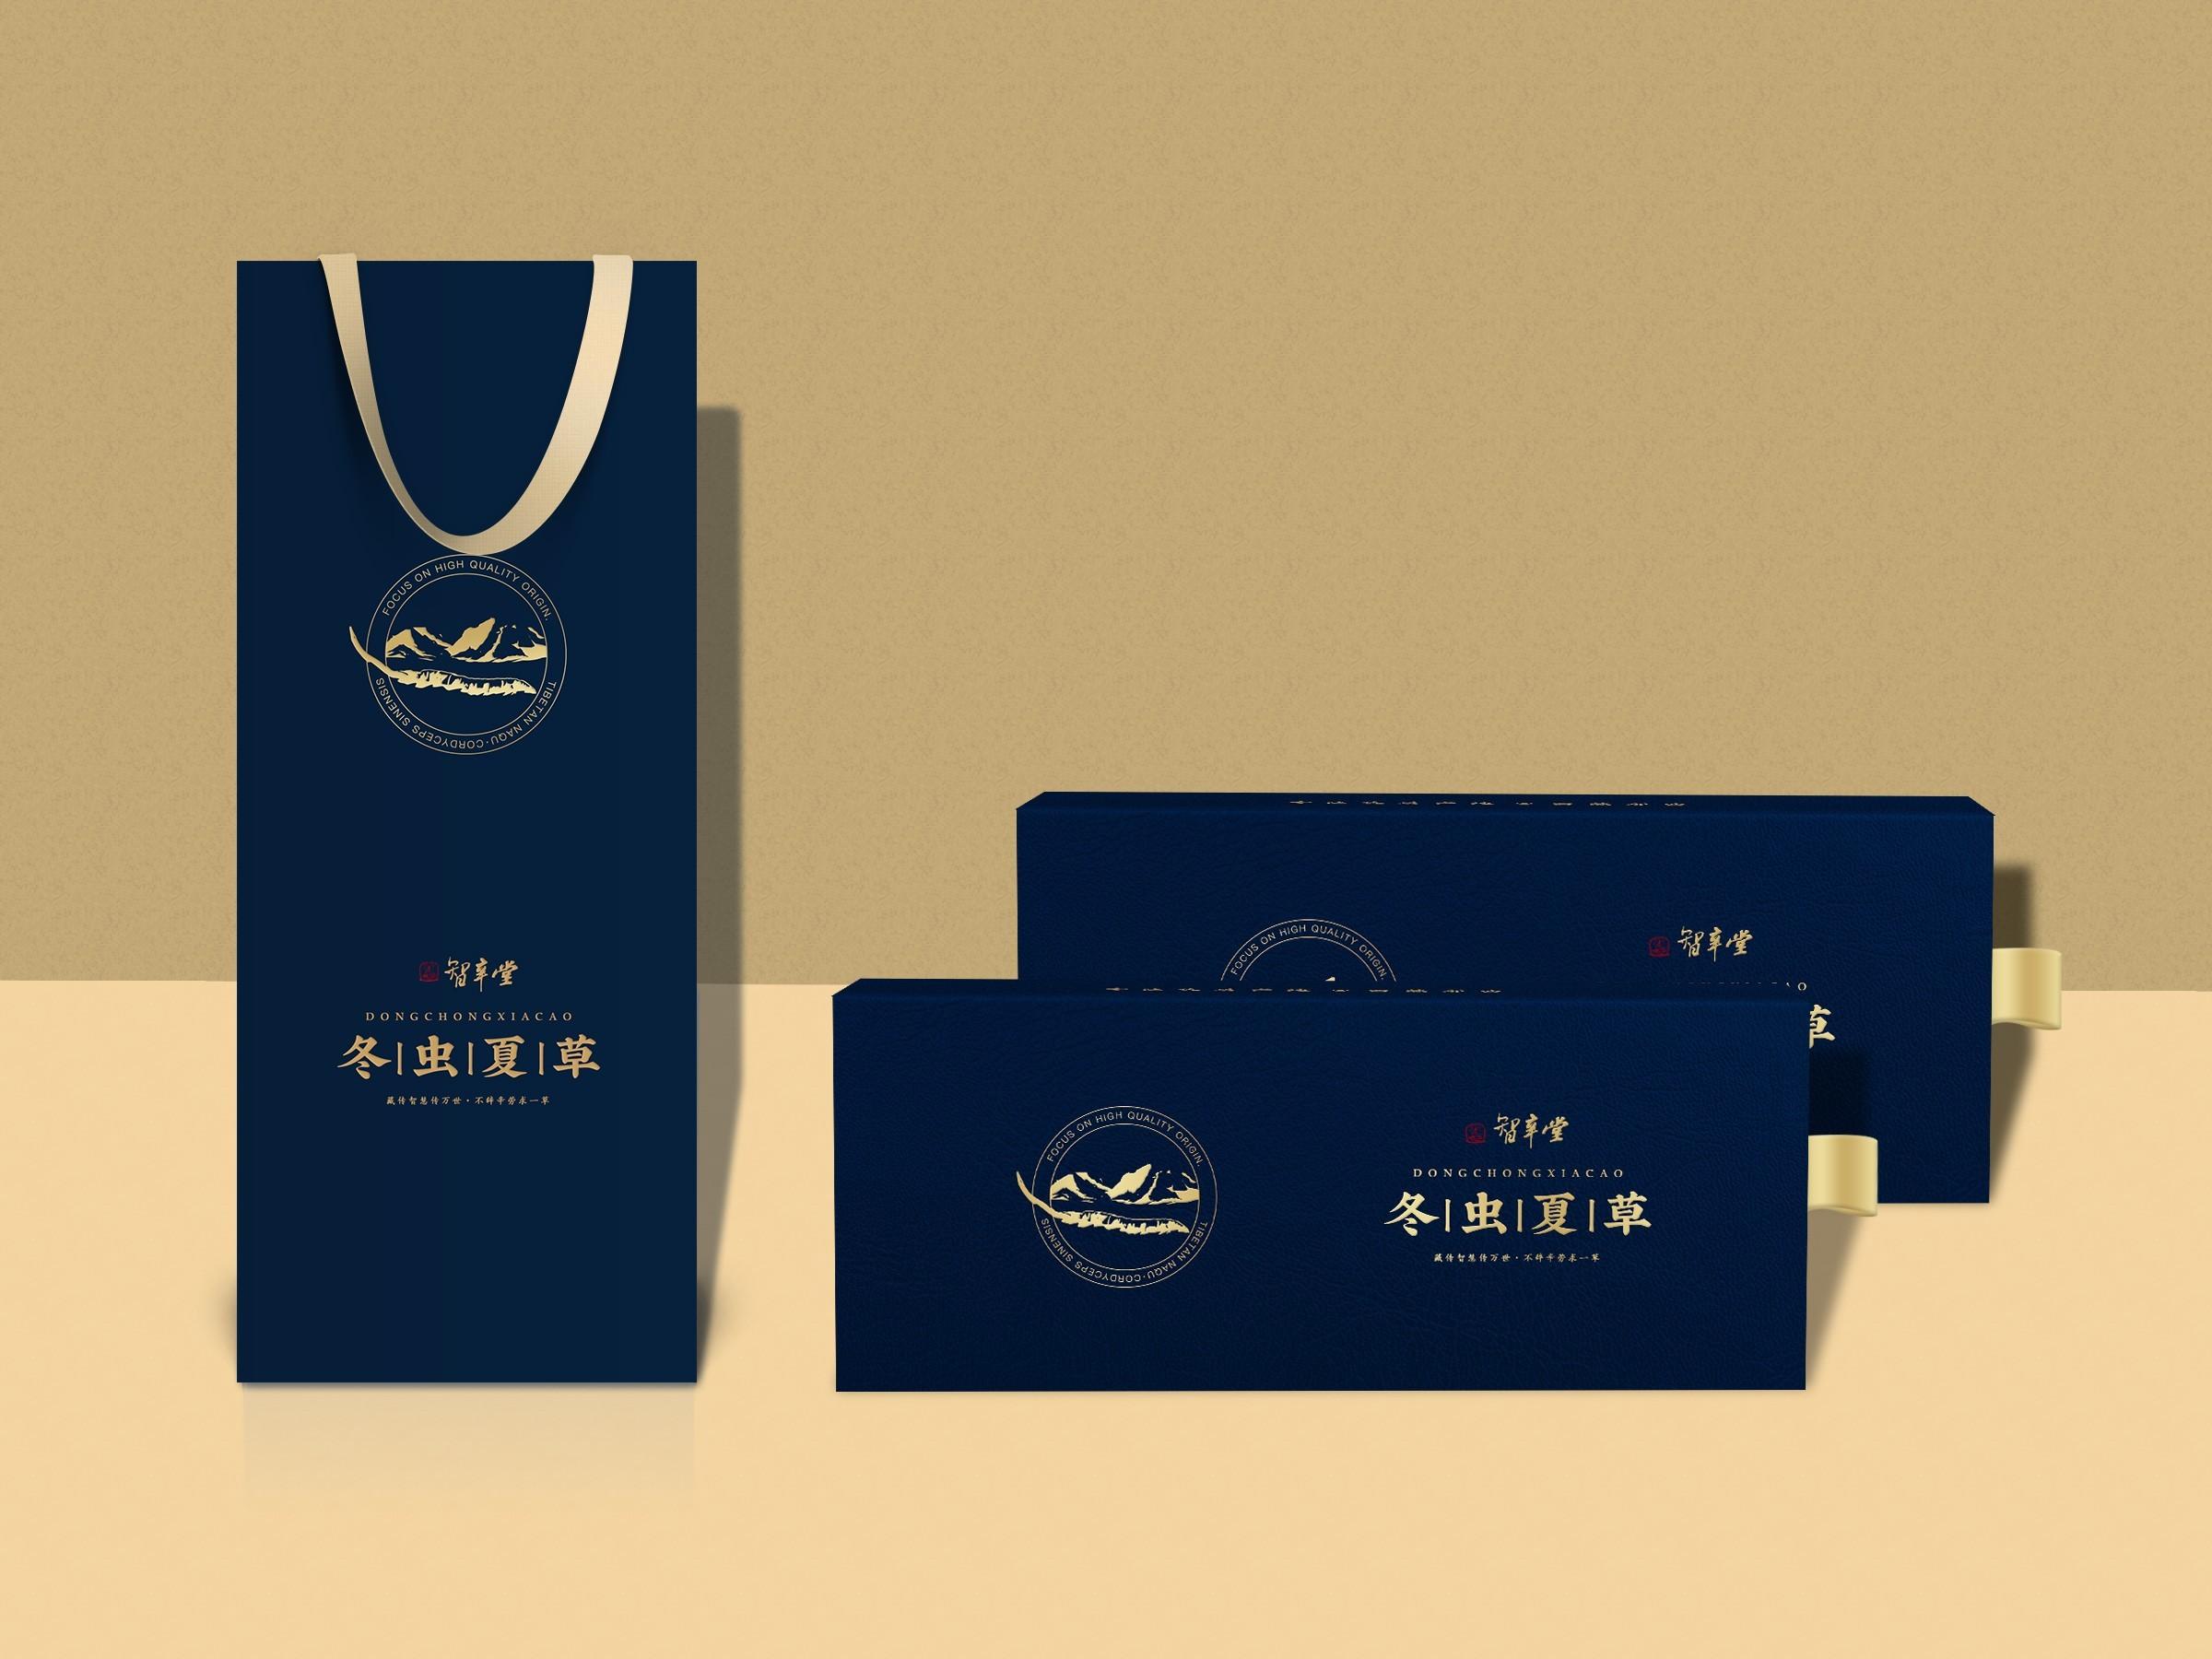 包装盒设计定位-产品功能和产地